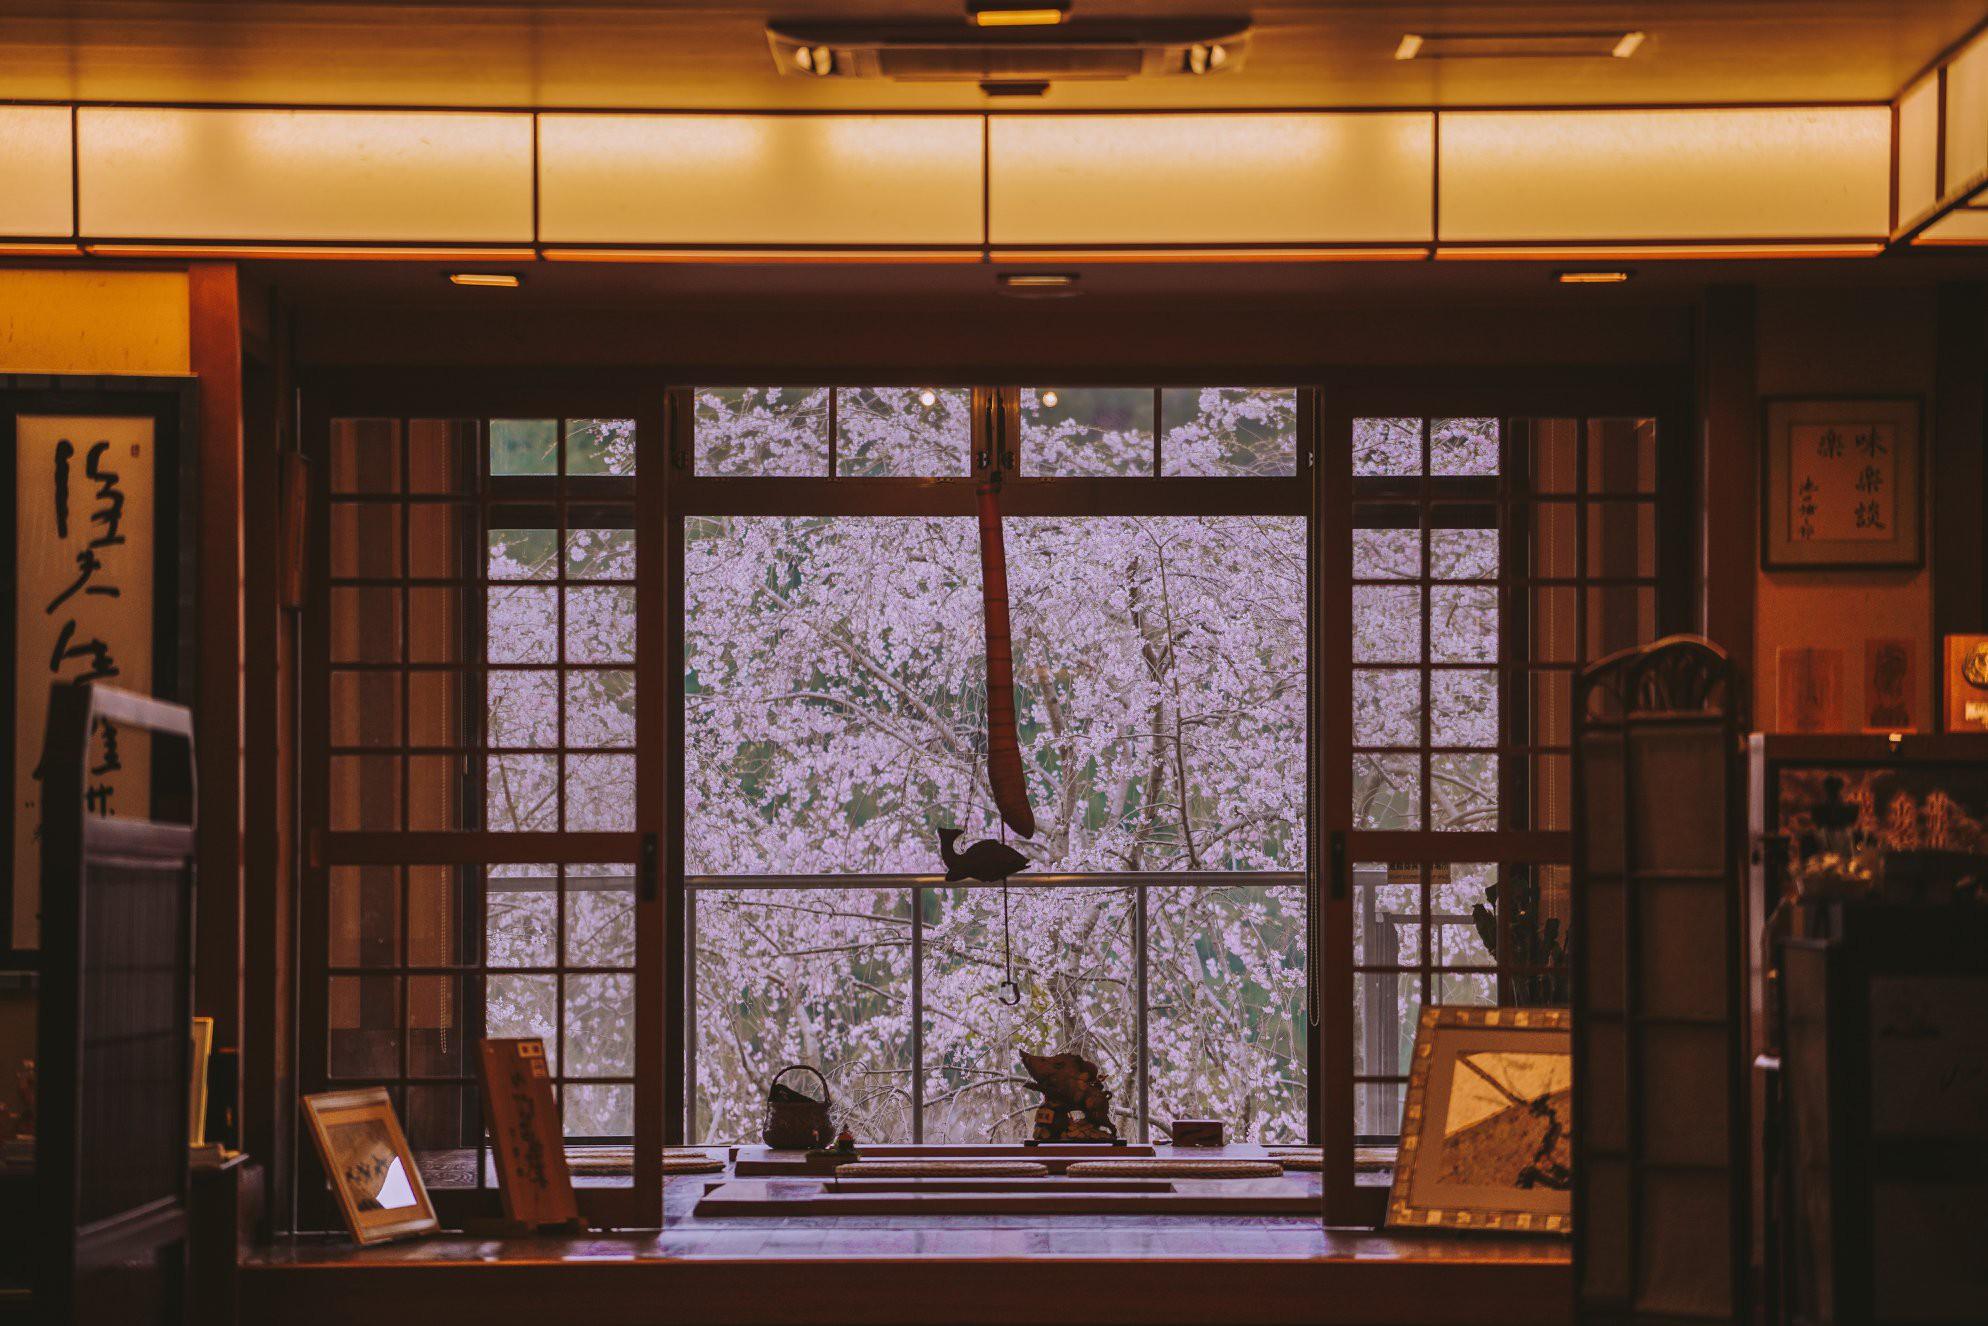 Quên Tokyo hay Kyoto đi, đây mới là nơi có nhiều hoa anh đào nhất Nhật Bản này! - Ảnh 6.